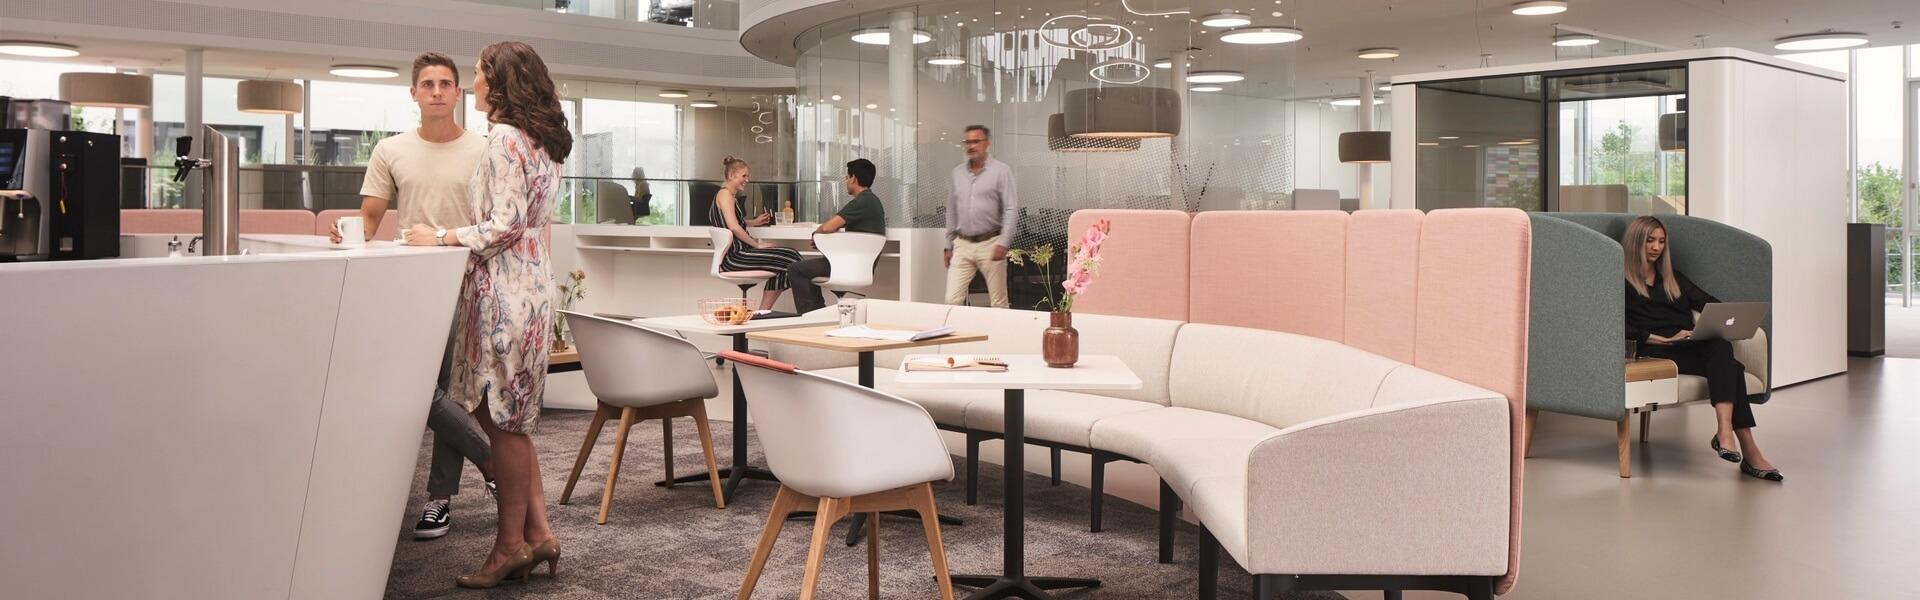 Dynamische kantoorinrichting door gebruik van zit-/sta bureaus